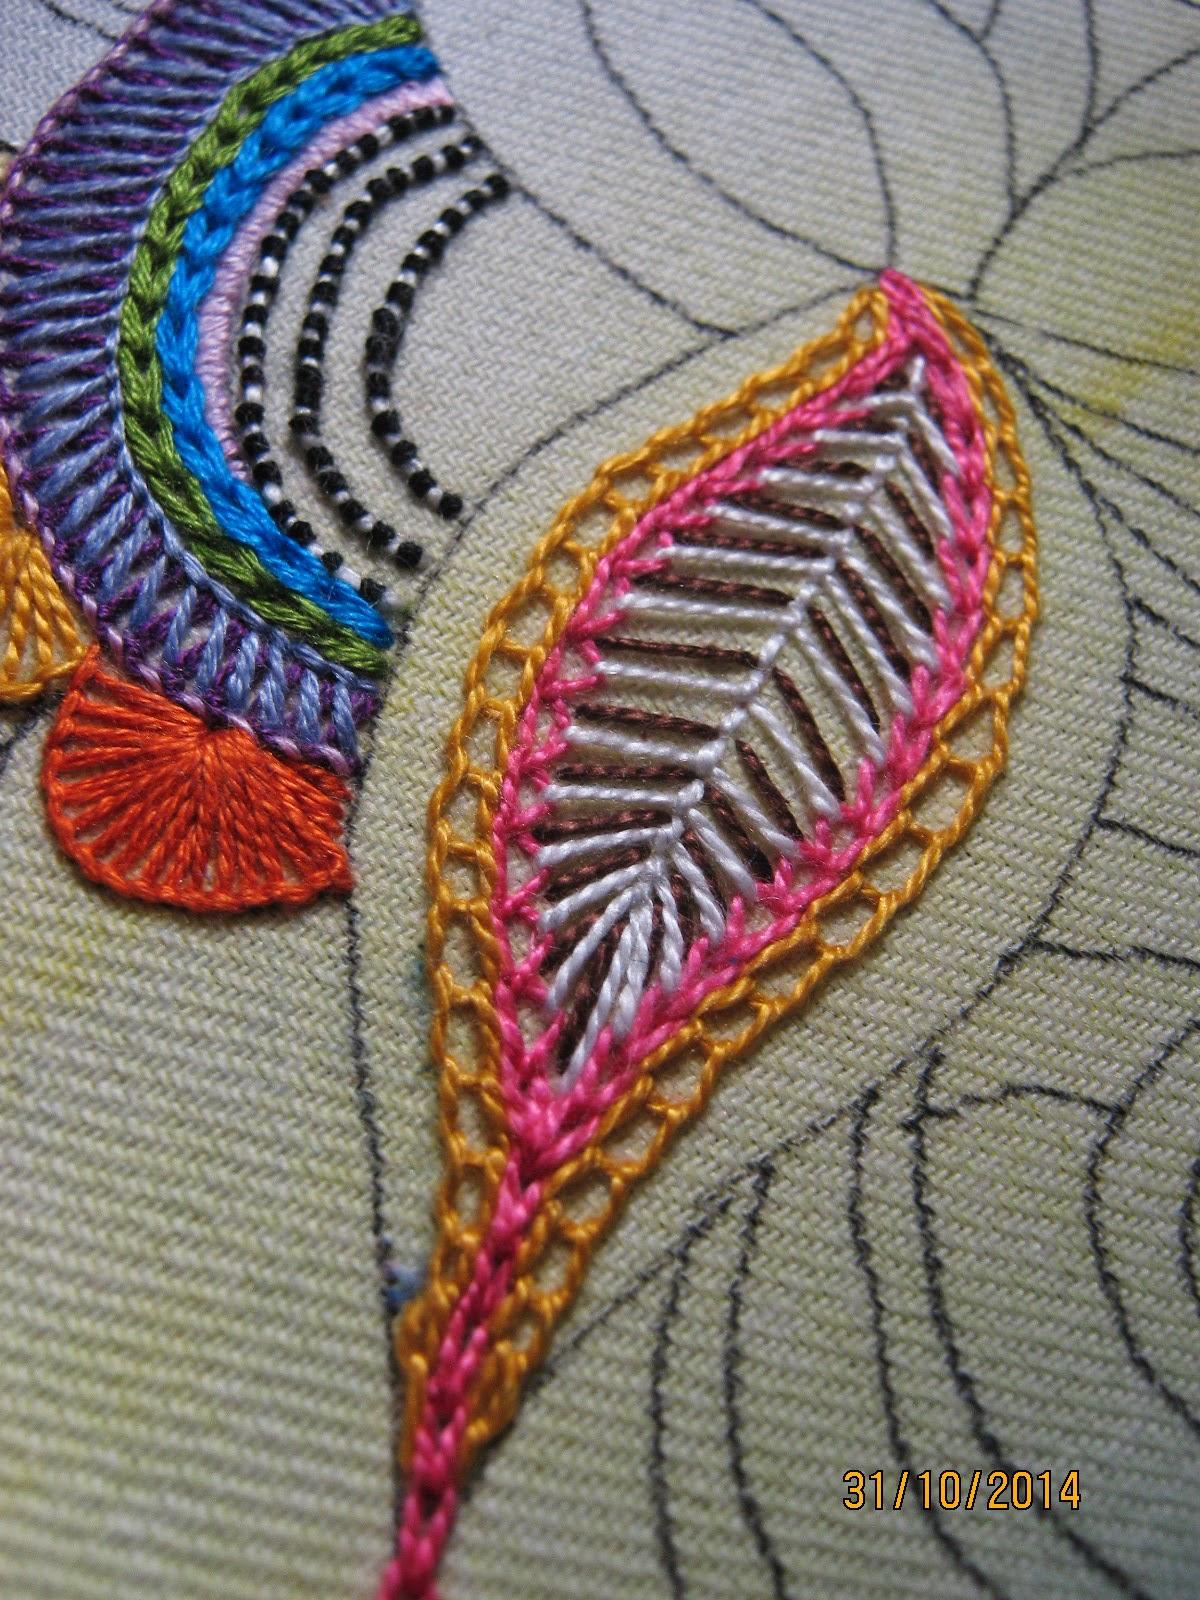 ELLAu0026#39;S CRAFT CREATIONS Posting A Little Eye Candy......................